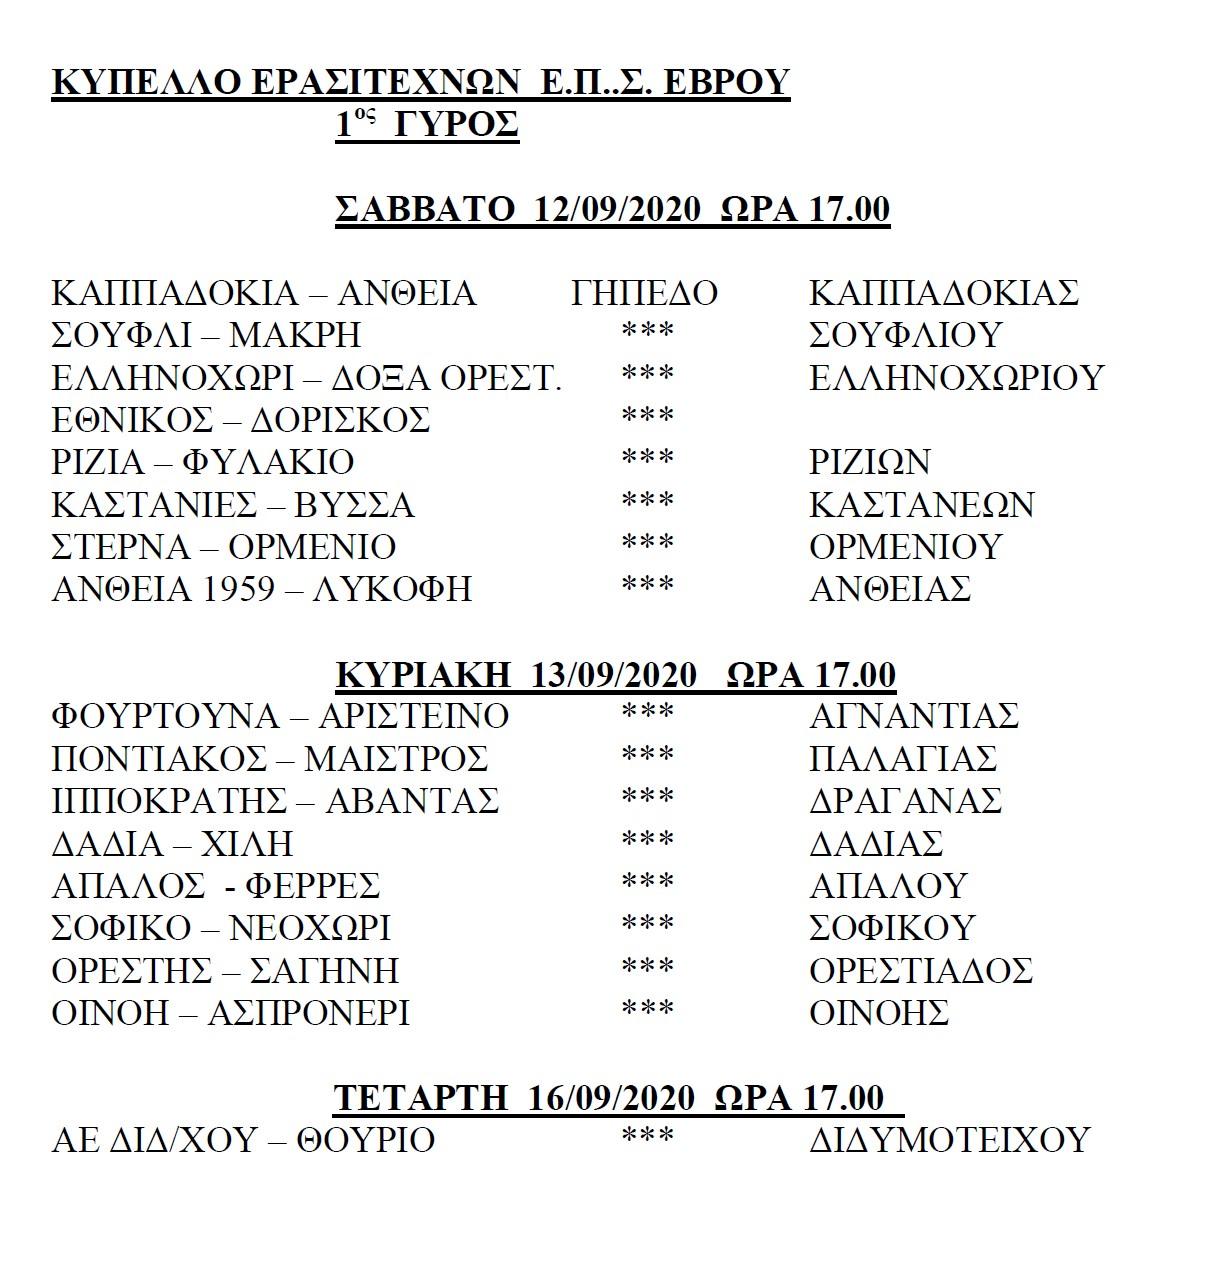 Αγώνες Κυπέλλου Ερασιτεχνών ΕΠΣ Έβρου του Σαββάτου 12-9-2020, 1ος γύρος, ώρα έναρξης 17:00